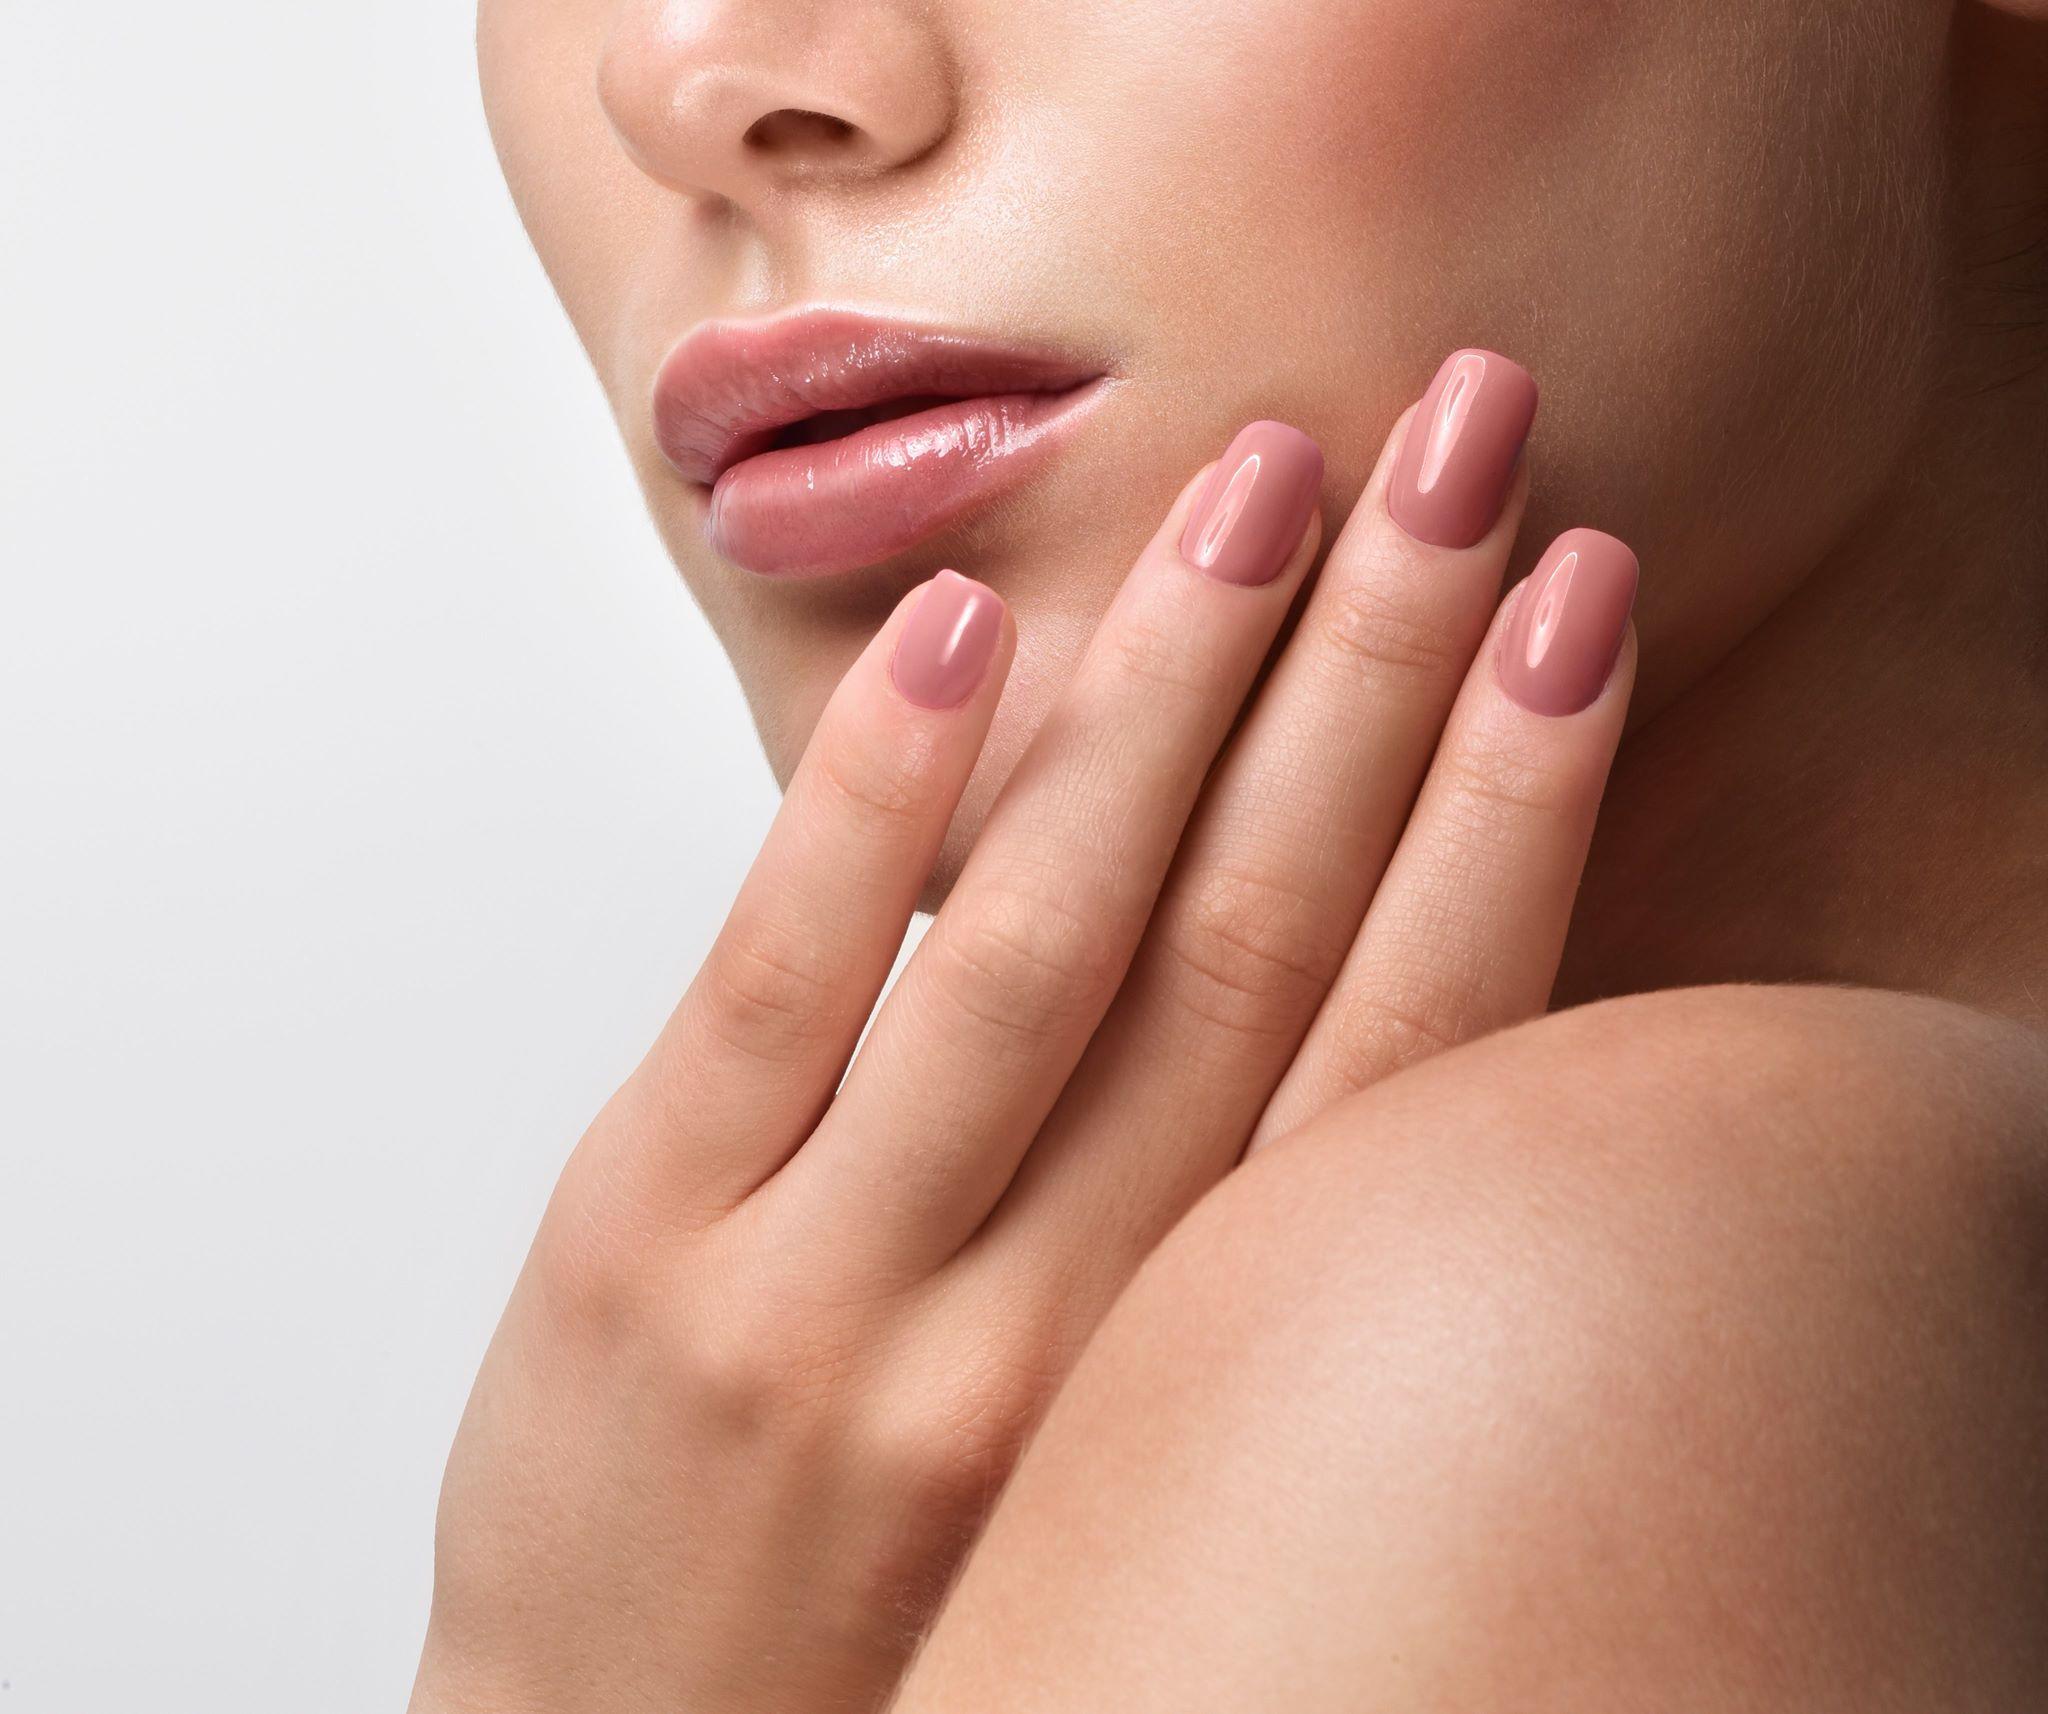 علاج تكسر الأظافر